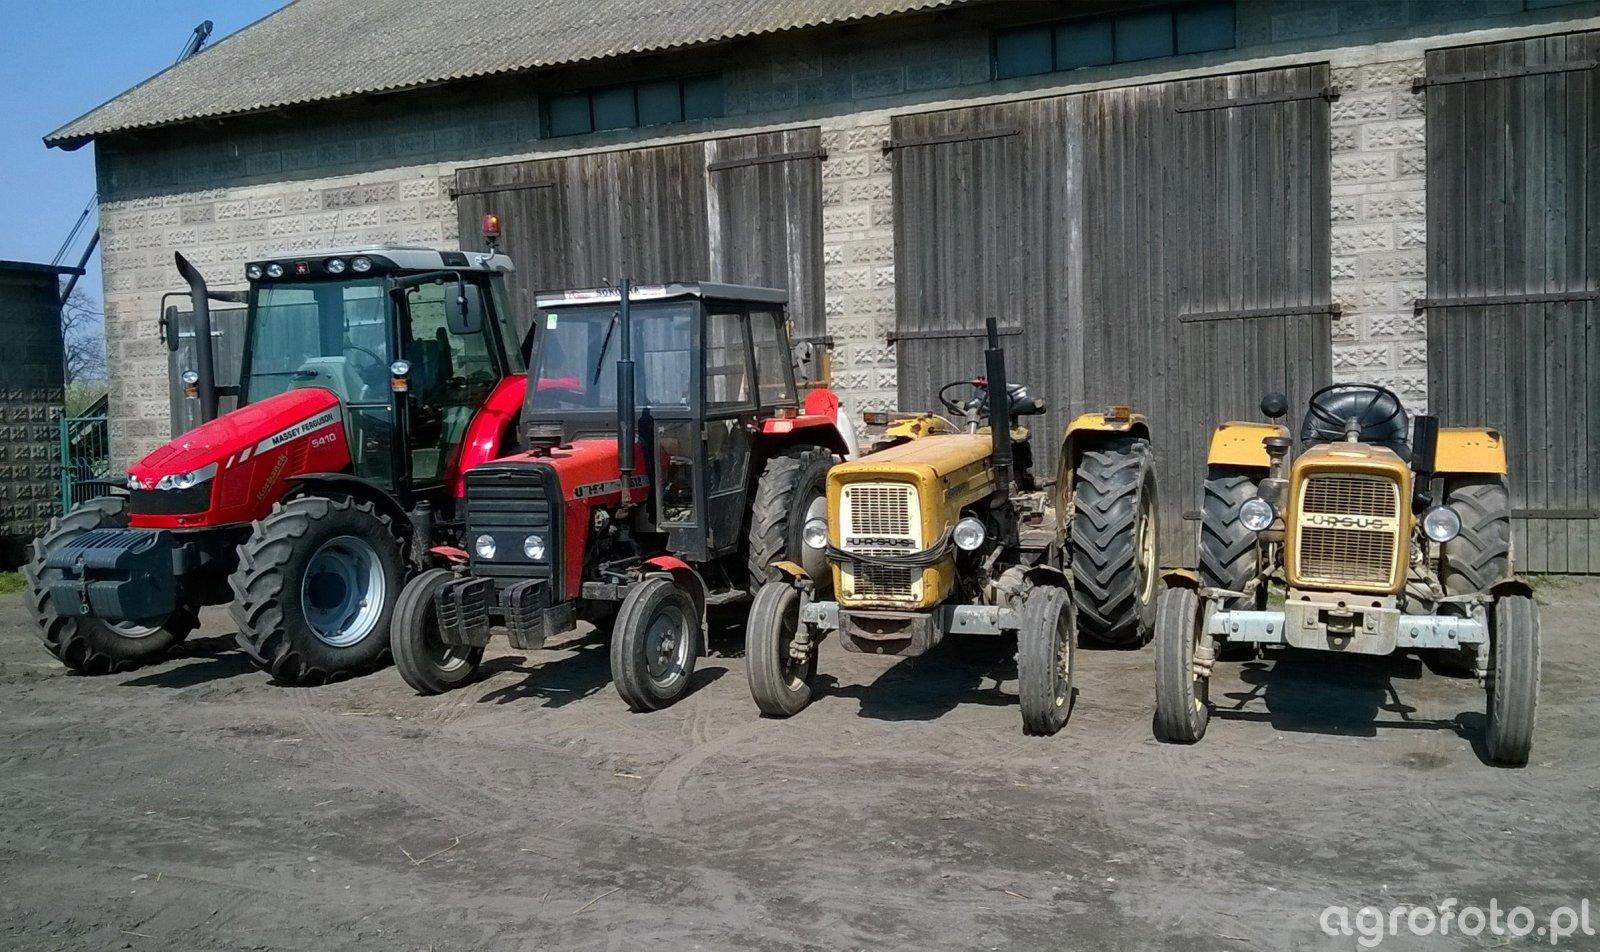 Massey Ferguson 5410 & Ursus 3512 & Ursus C-360 & Ursus C-330